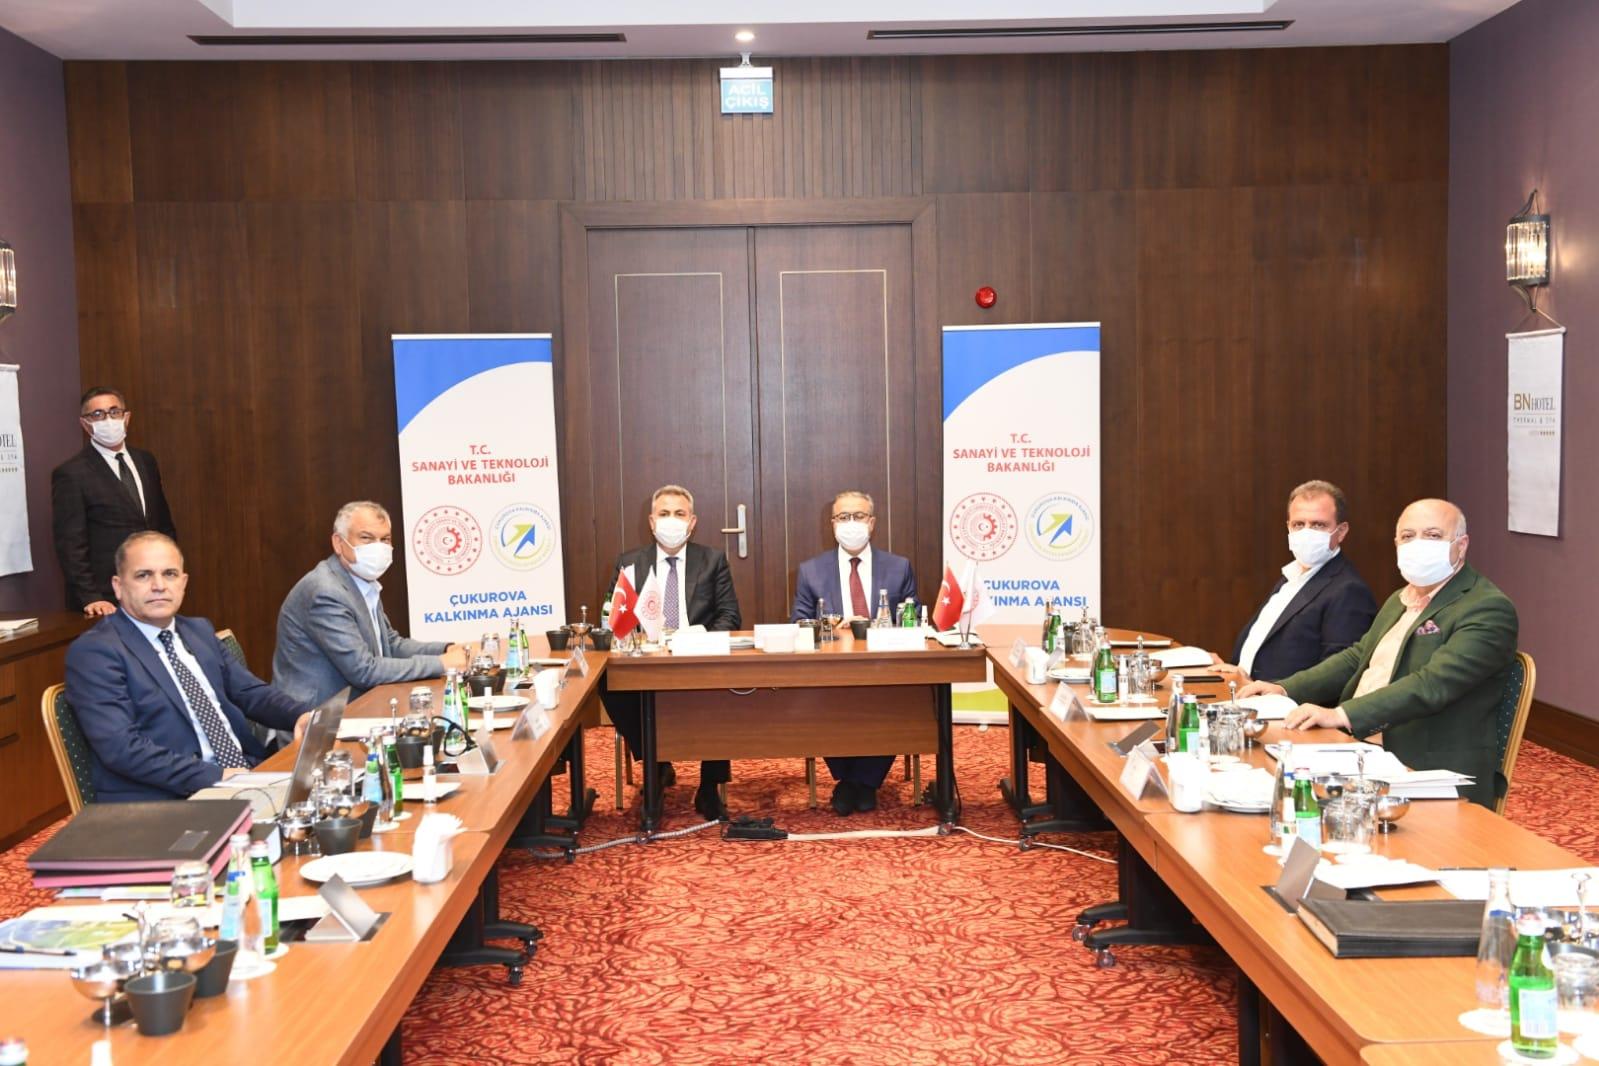 ÇKA Yönetim Kurulu Toplantısı Mersin'de Gerçekleştirildi